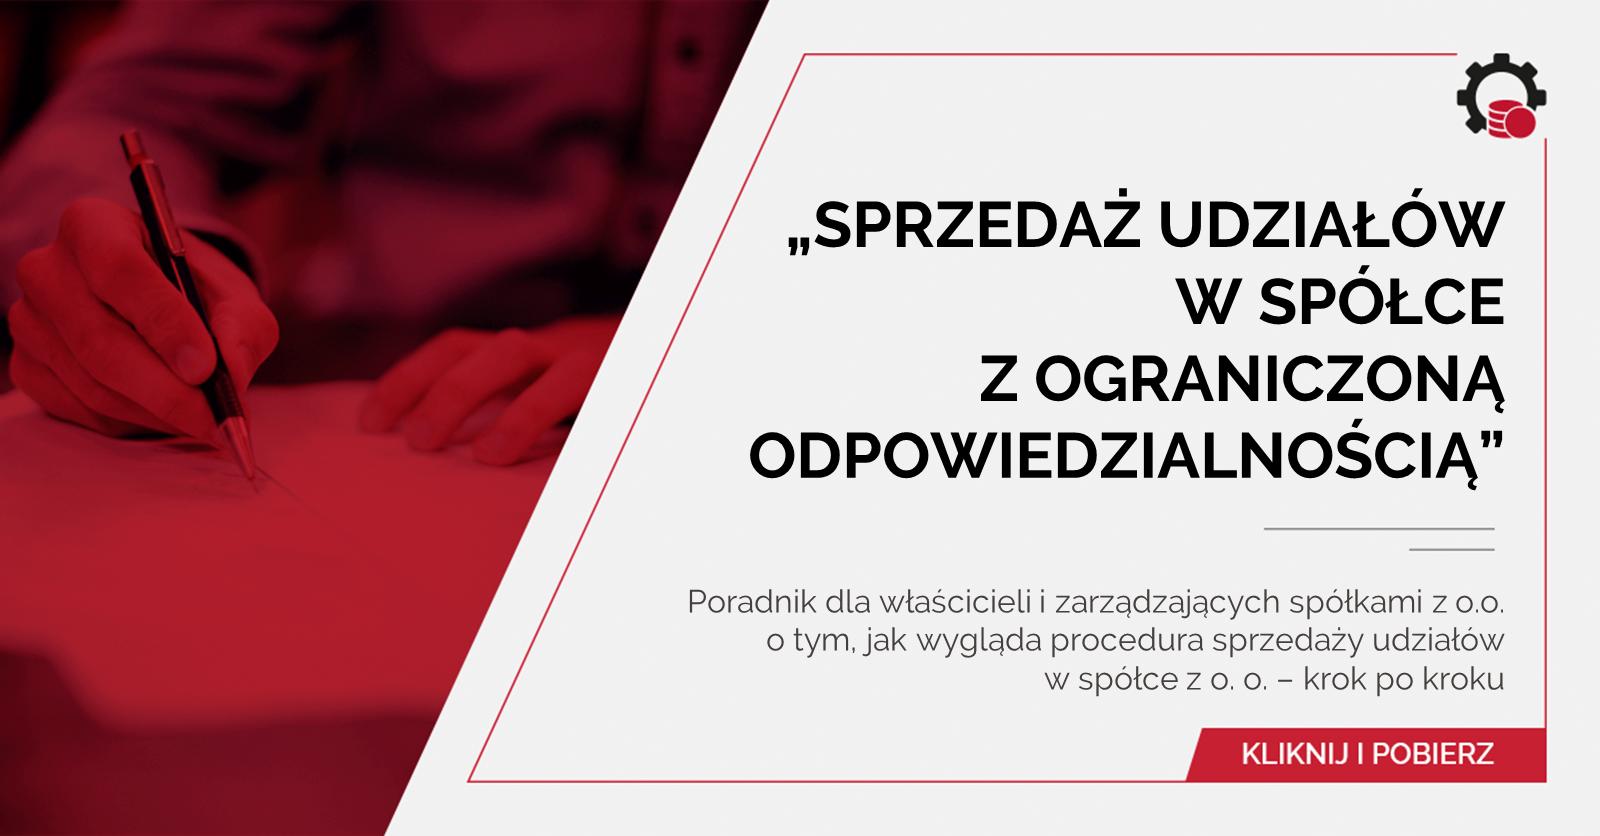 Poradnik Sprzedaż udziałów współce zo.o.